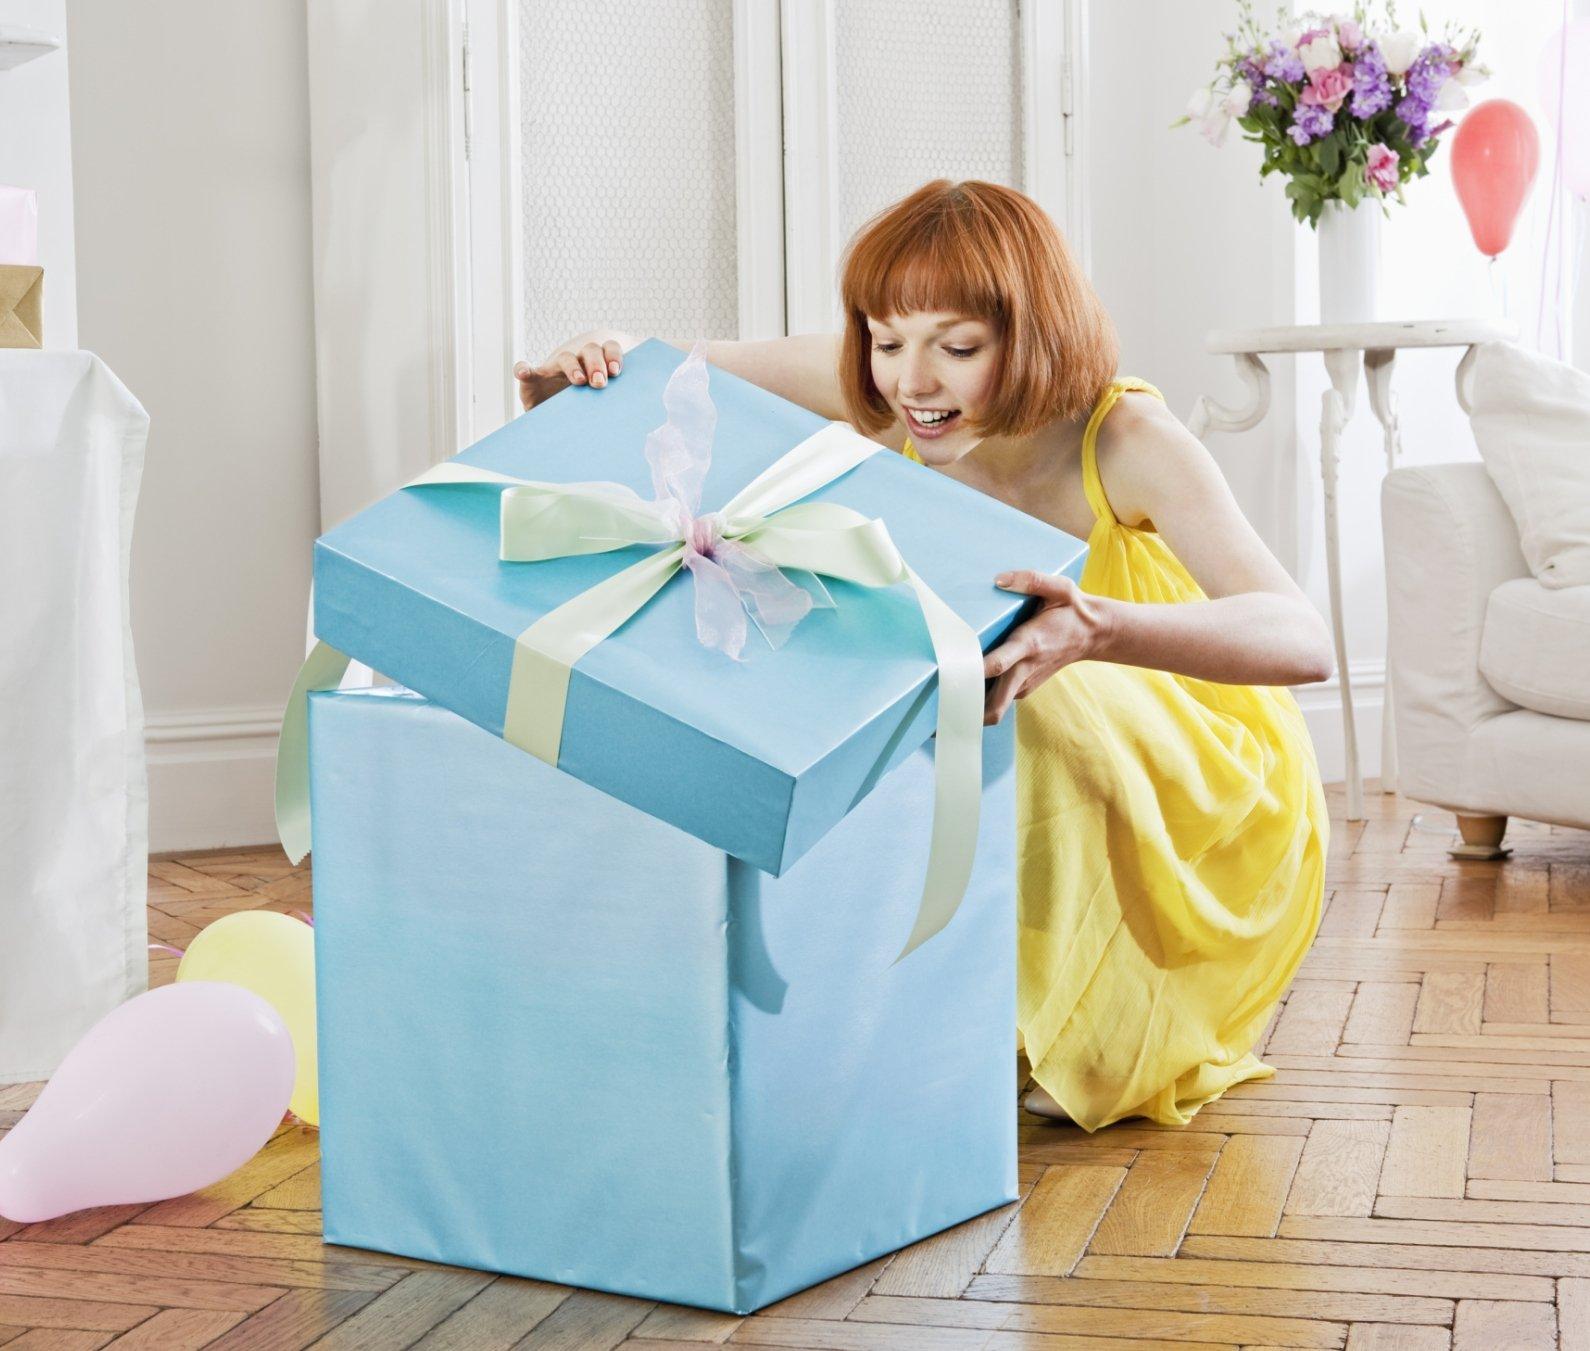 Подарок-квест или один из самых необычных подарков